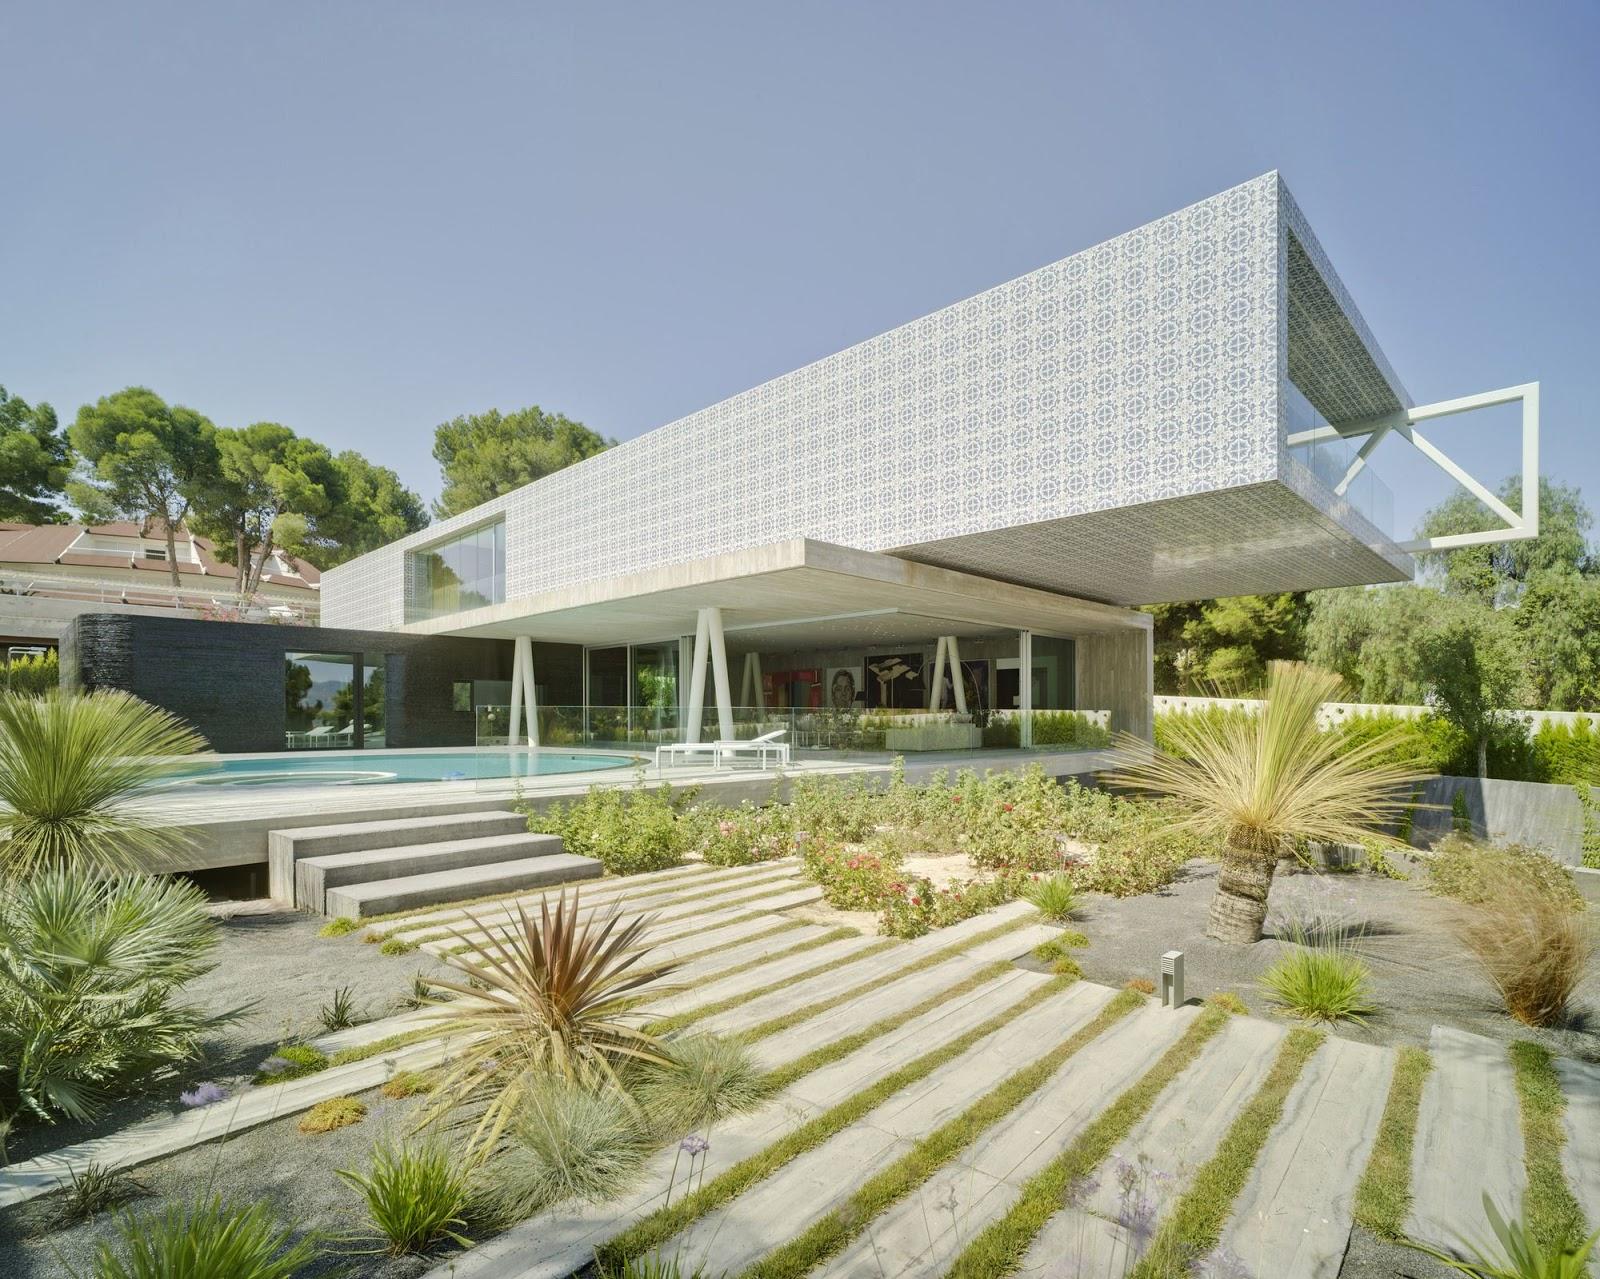 A f a s i a clavel arquitectos - Clavel arquitectos ...